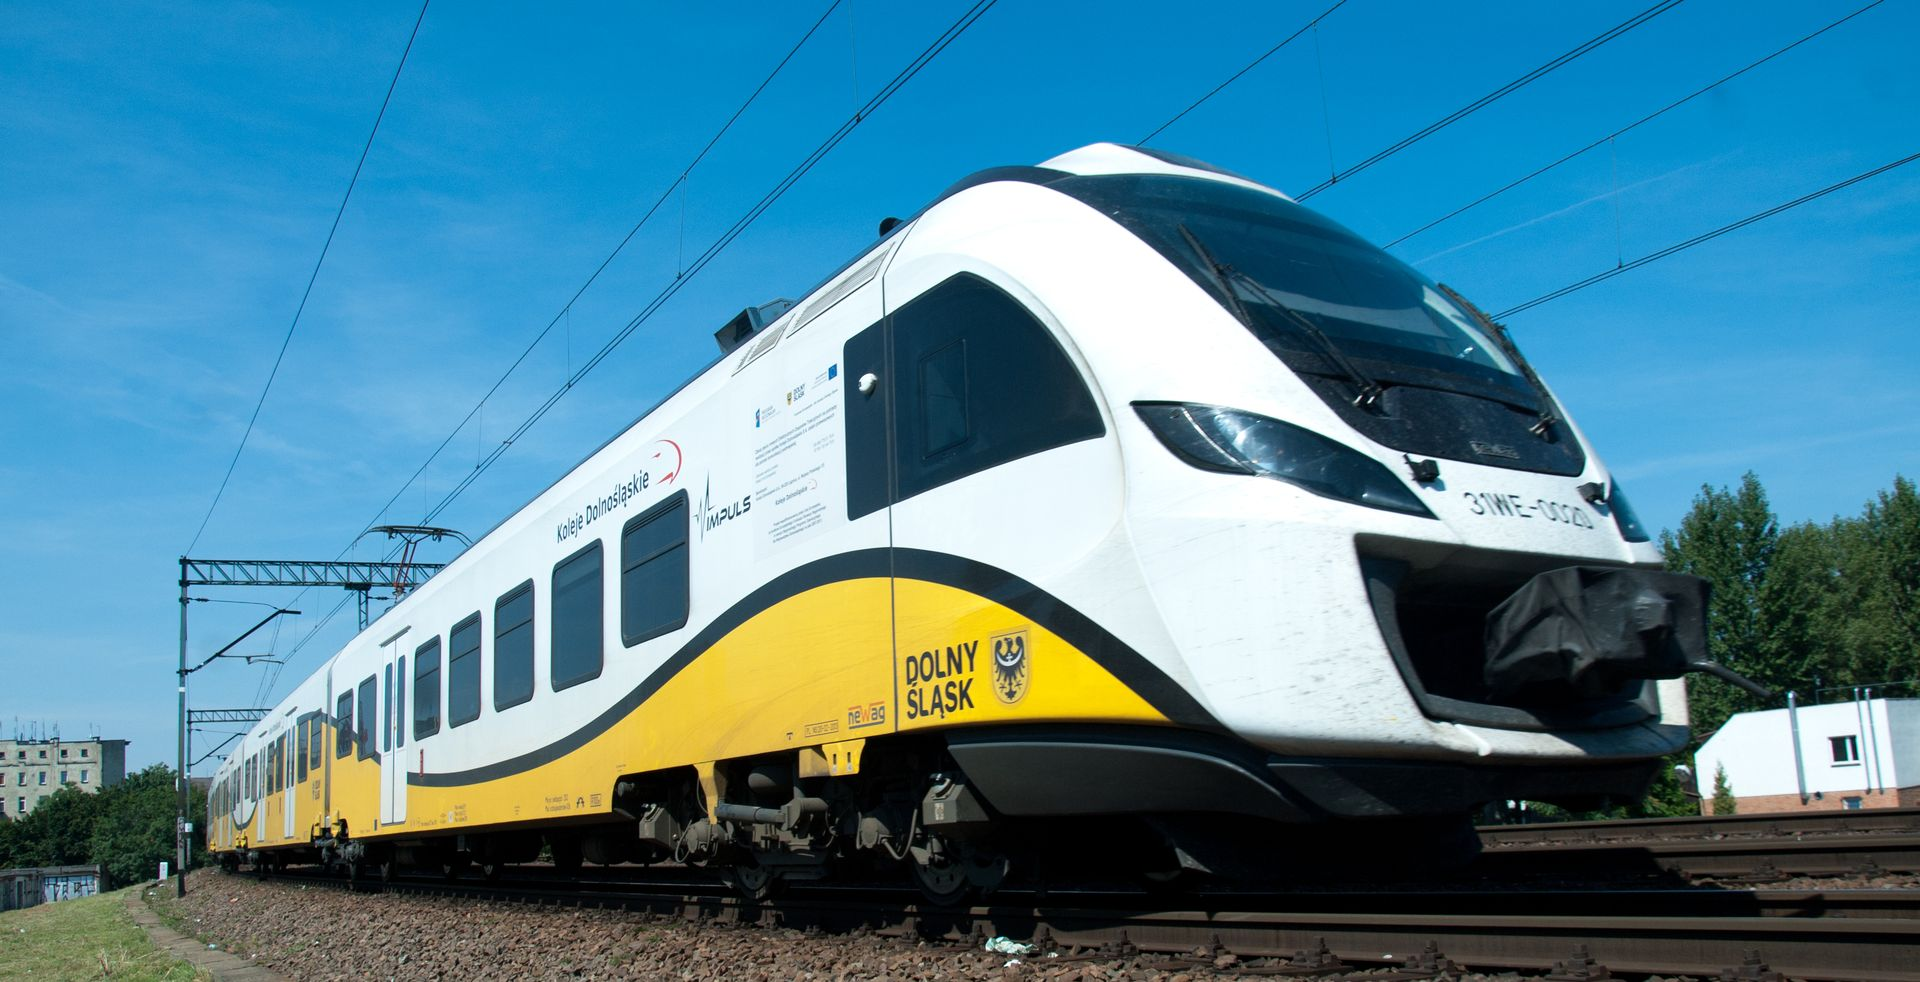 Dolny Śląsk: Samorząd Województwa Dolnośląskiego zamierza przejąć od PKP ponad 20 odcinków linii kolejowych w regionie